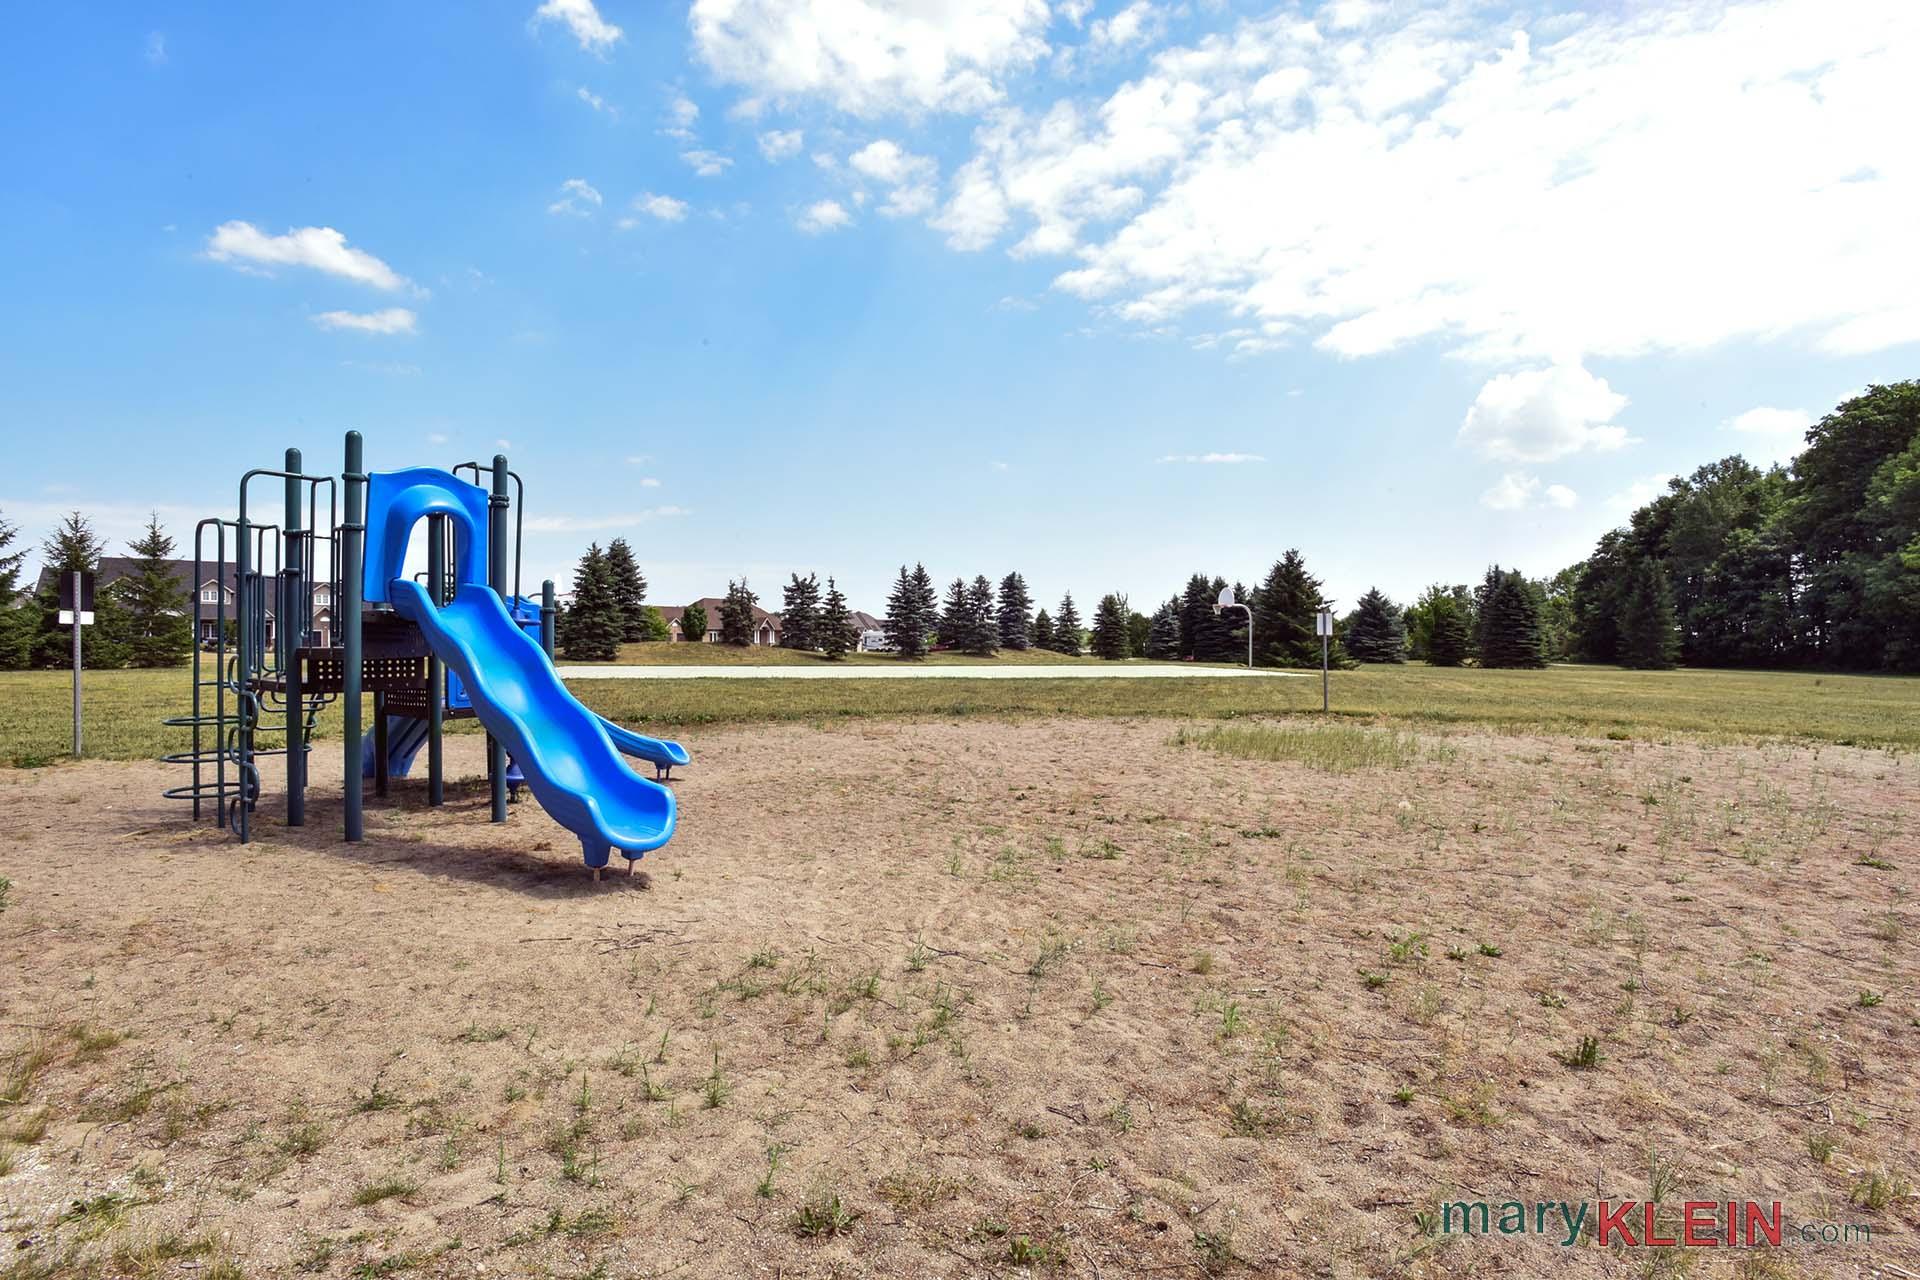 somerville park, mansfield ridge estate subdivision, childrens playground